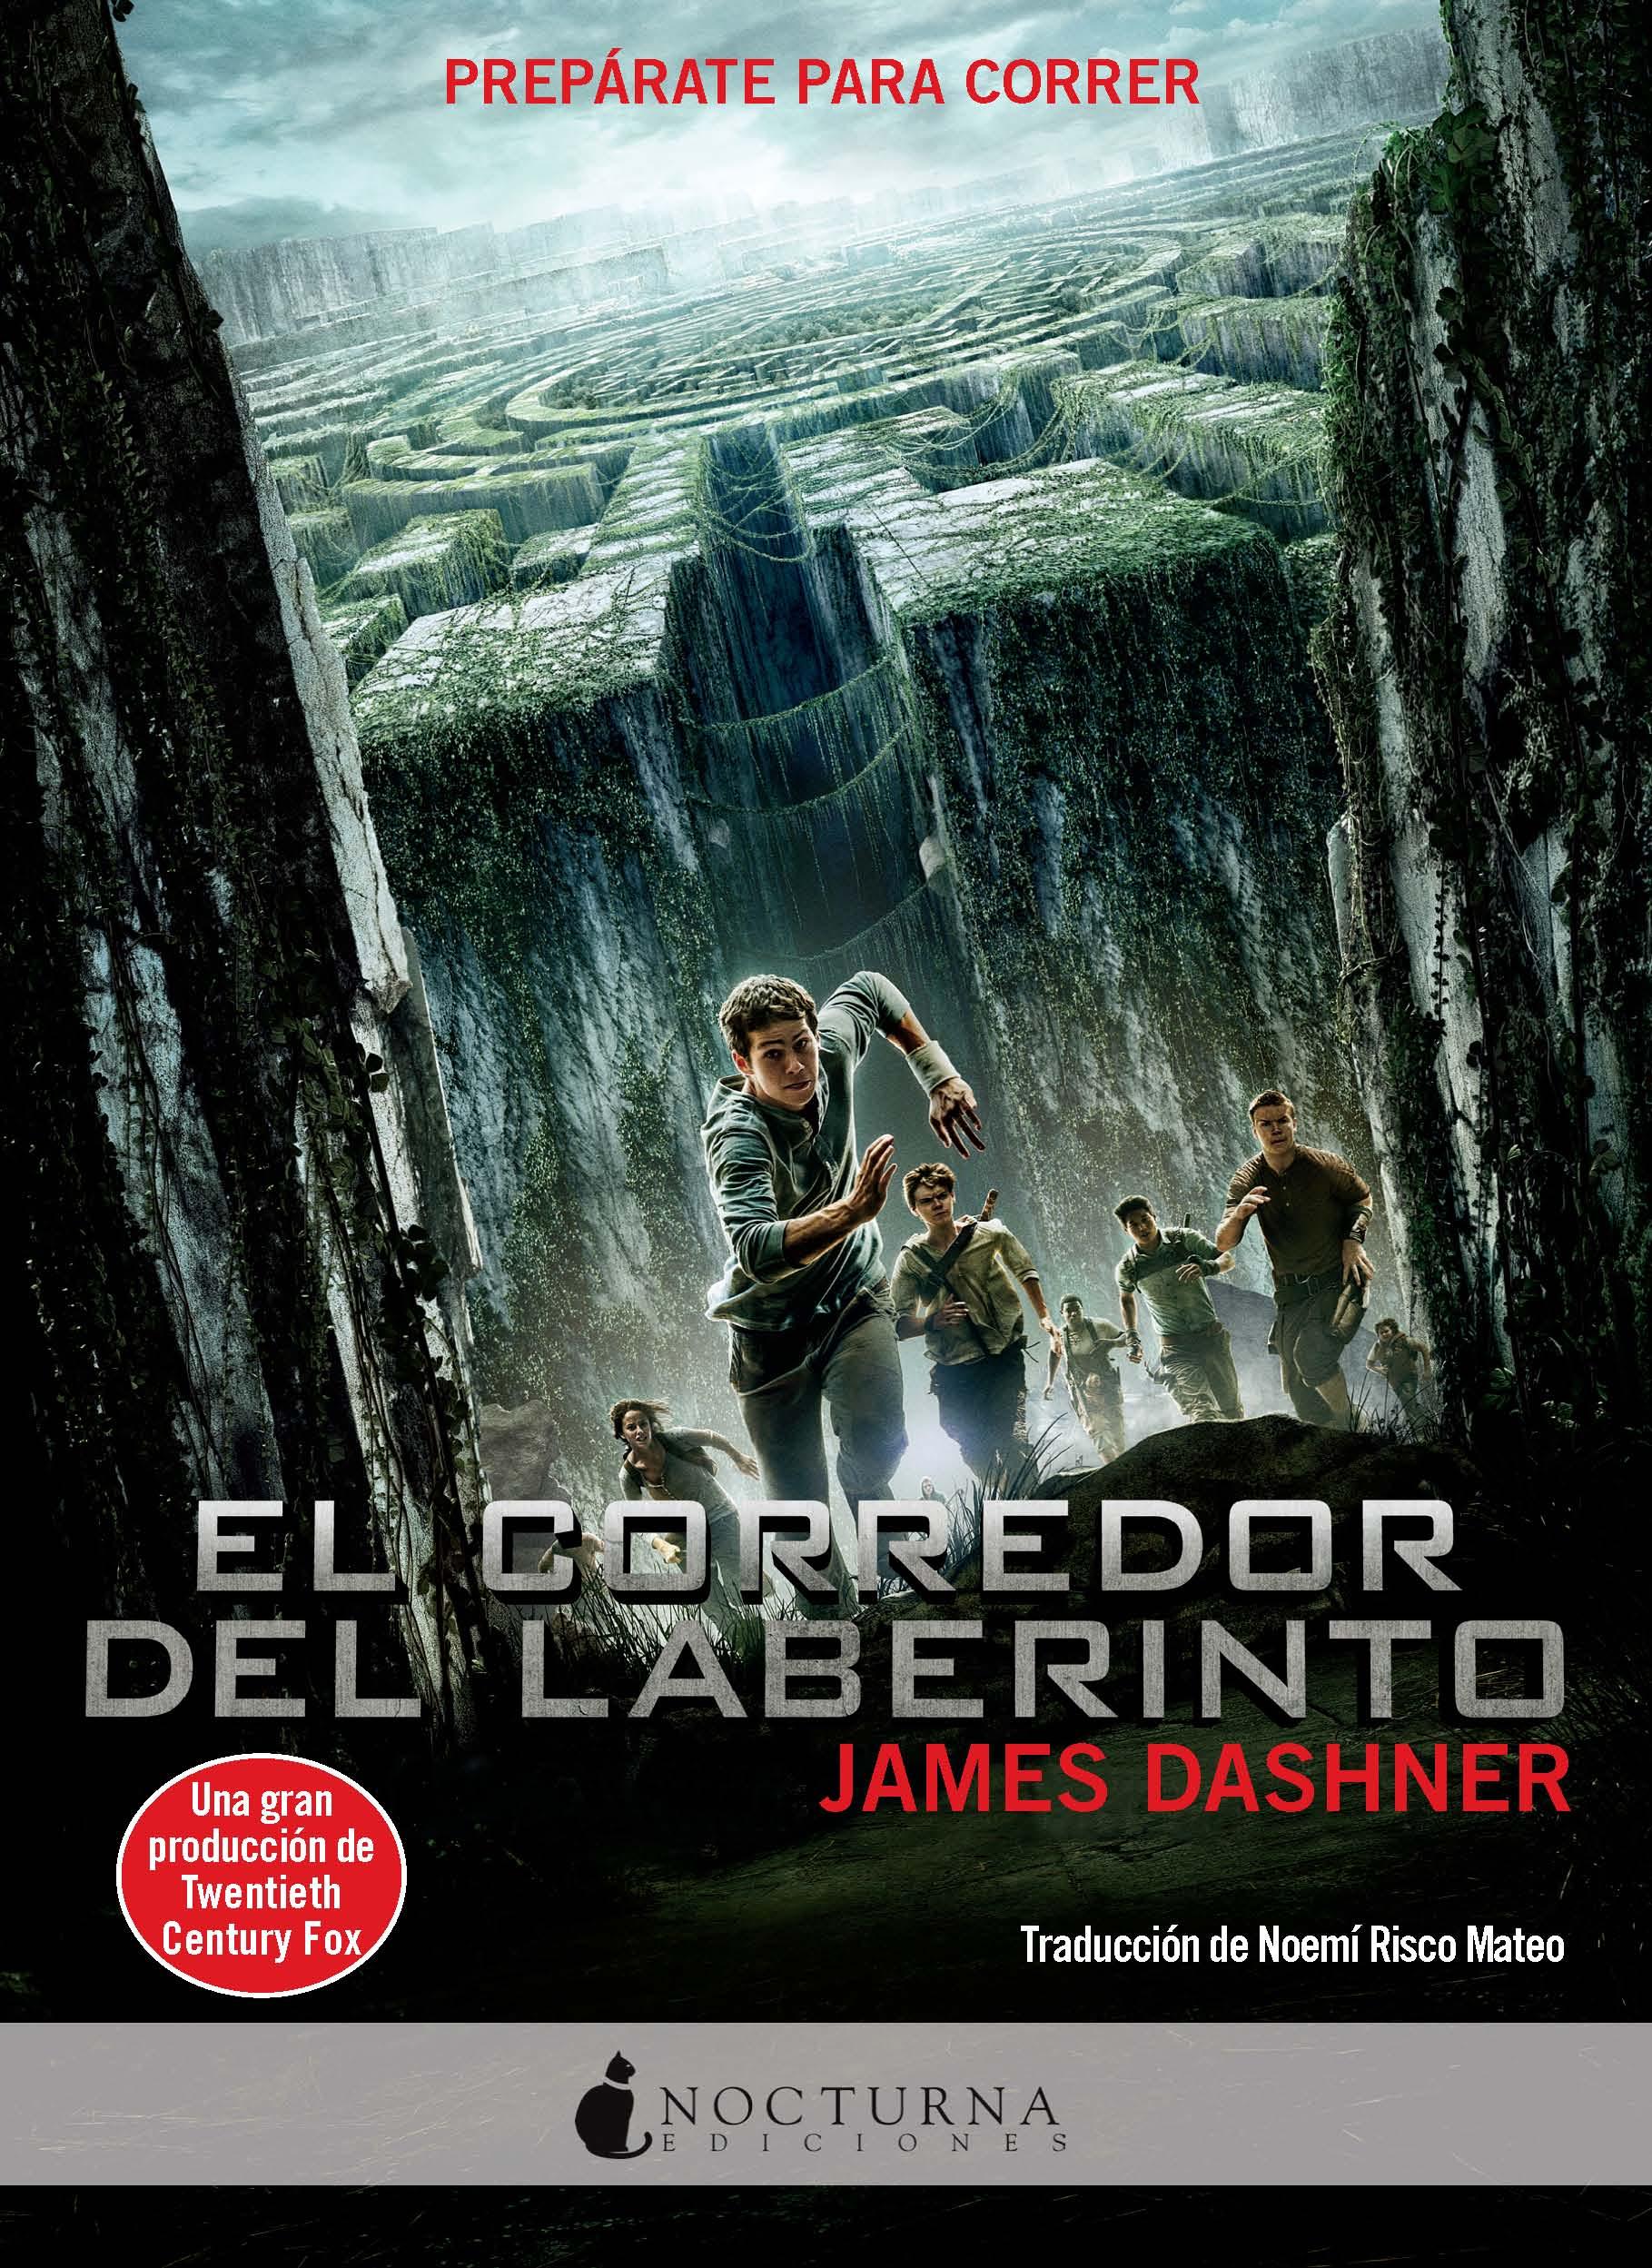 El corredor del laberinto - Nocturna Ediciones